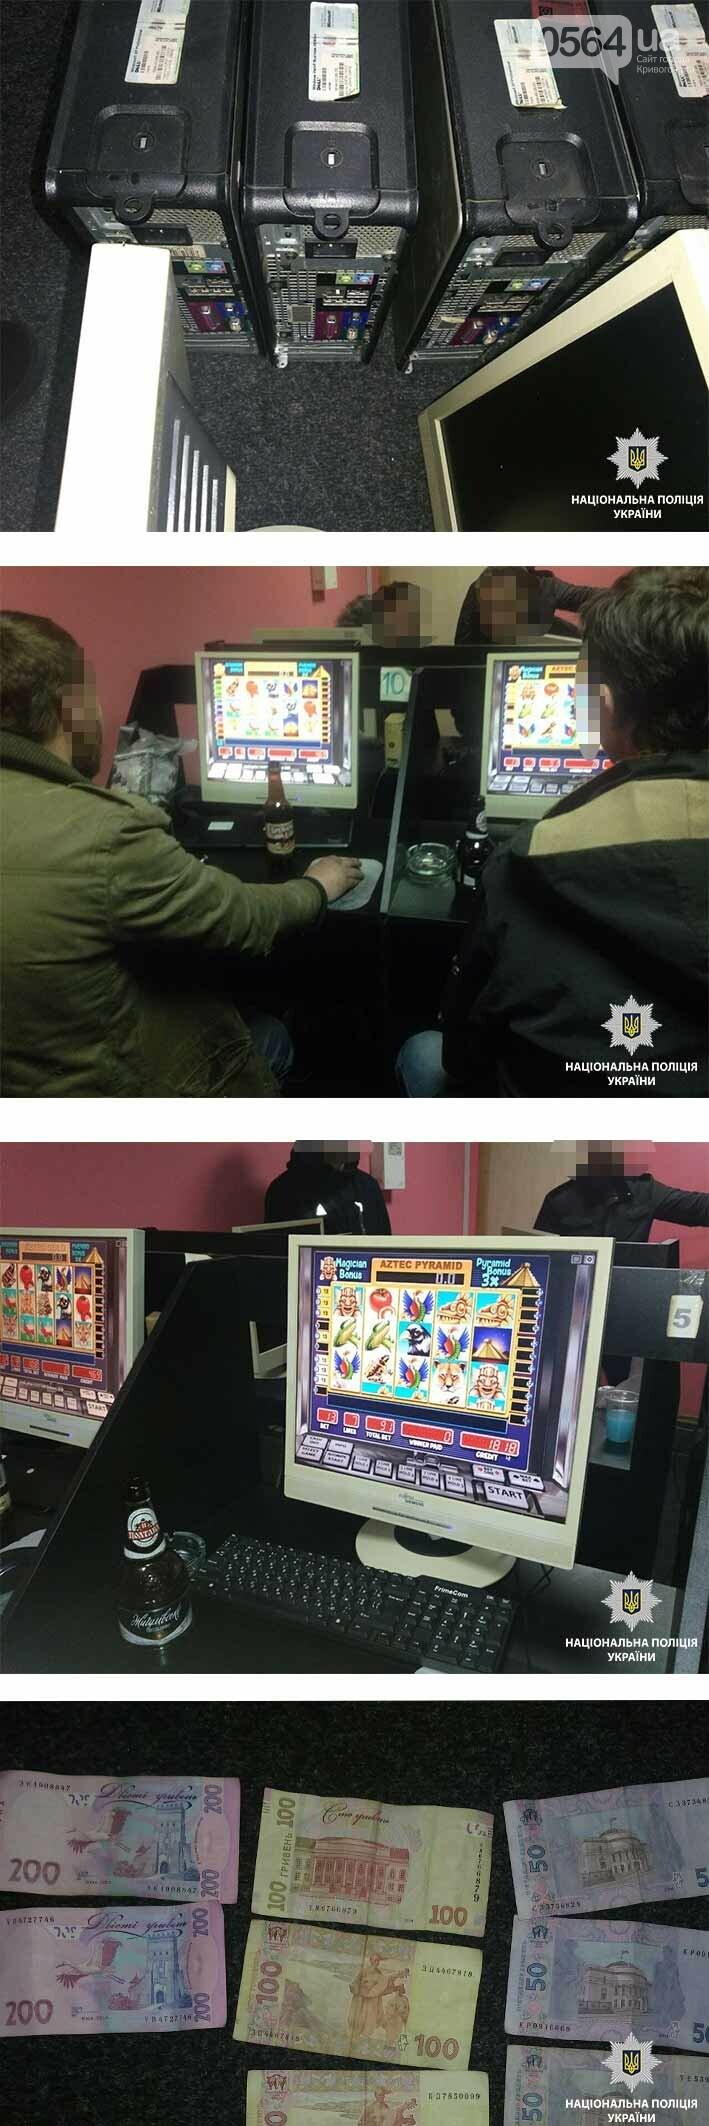 """На Днепропетровщине полиция шестой раз пришла изымать технику из """"казино"""" (ФОТО), фото-1"""